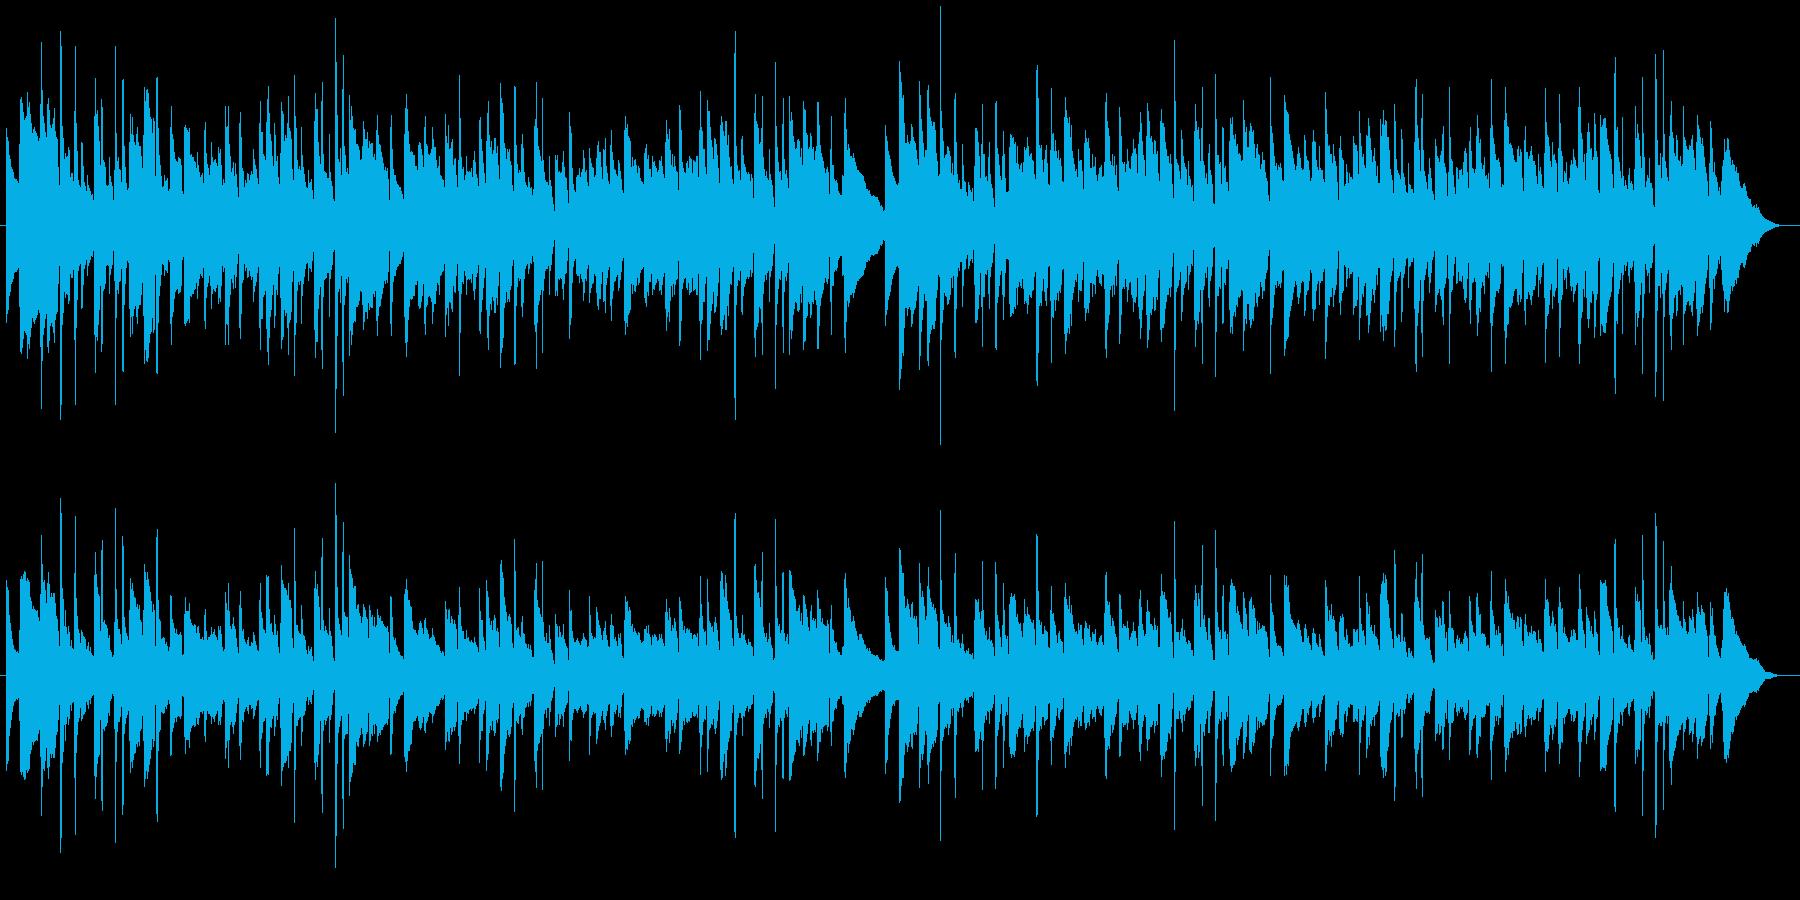 蛍の光 アコースティックギター合奏の再生済みの波形